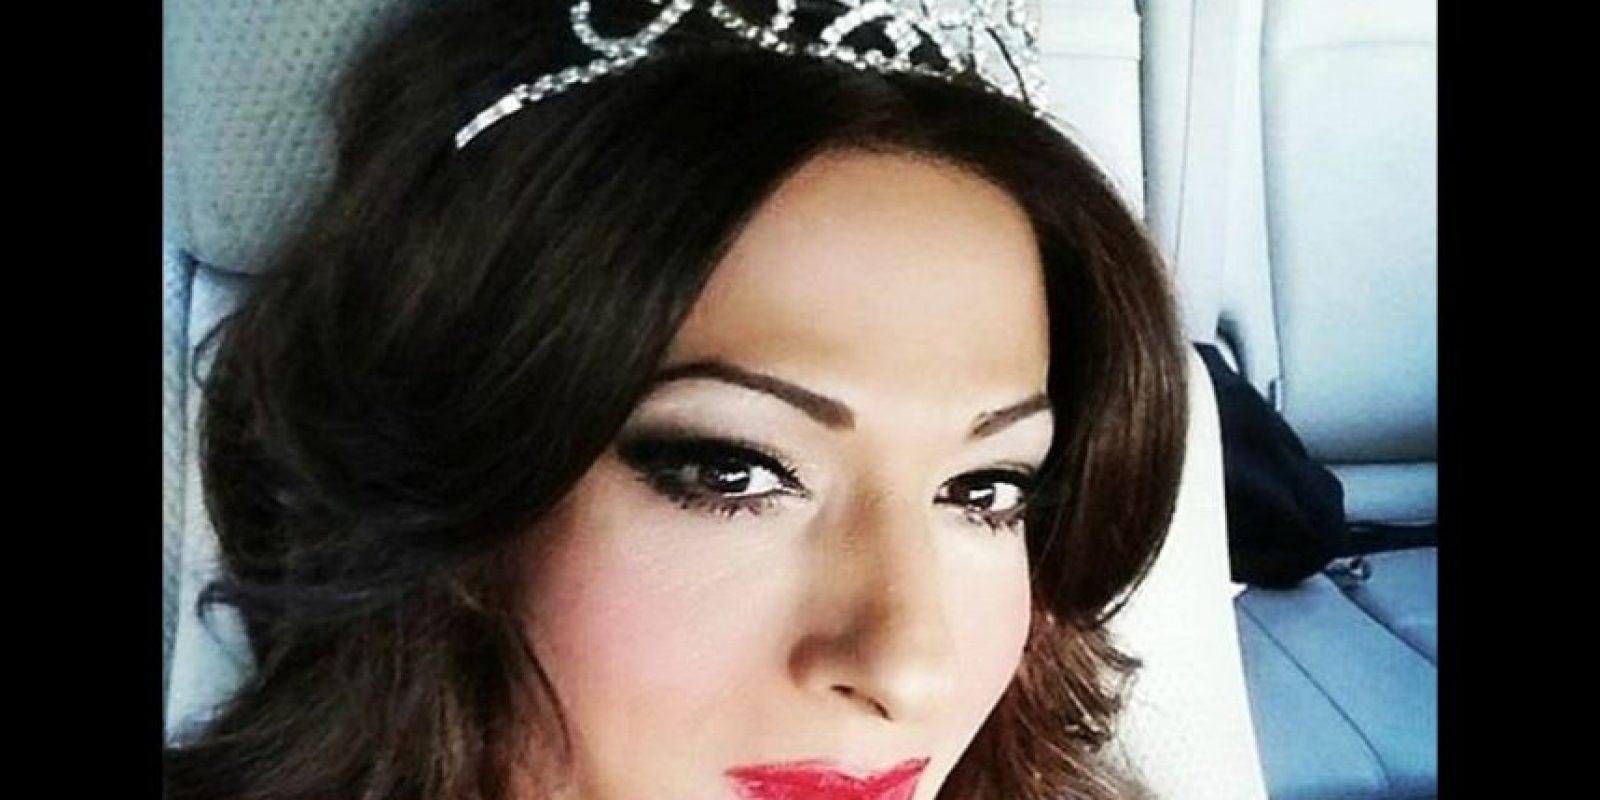 La cantante transexual israelí a sus 29 años logró triunfar en el 43º Festival de Eurovisión. Foto:Vía instagram.com/danainternational. Imagen Por: